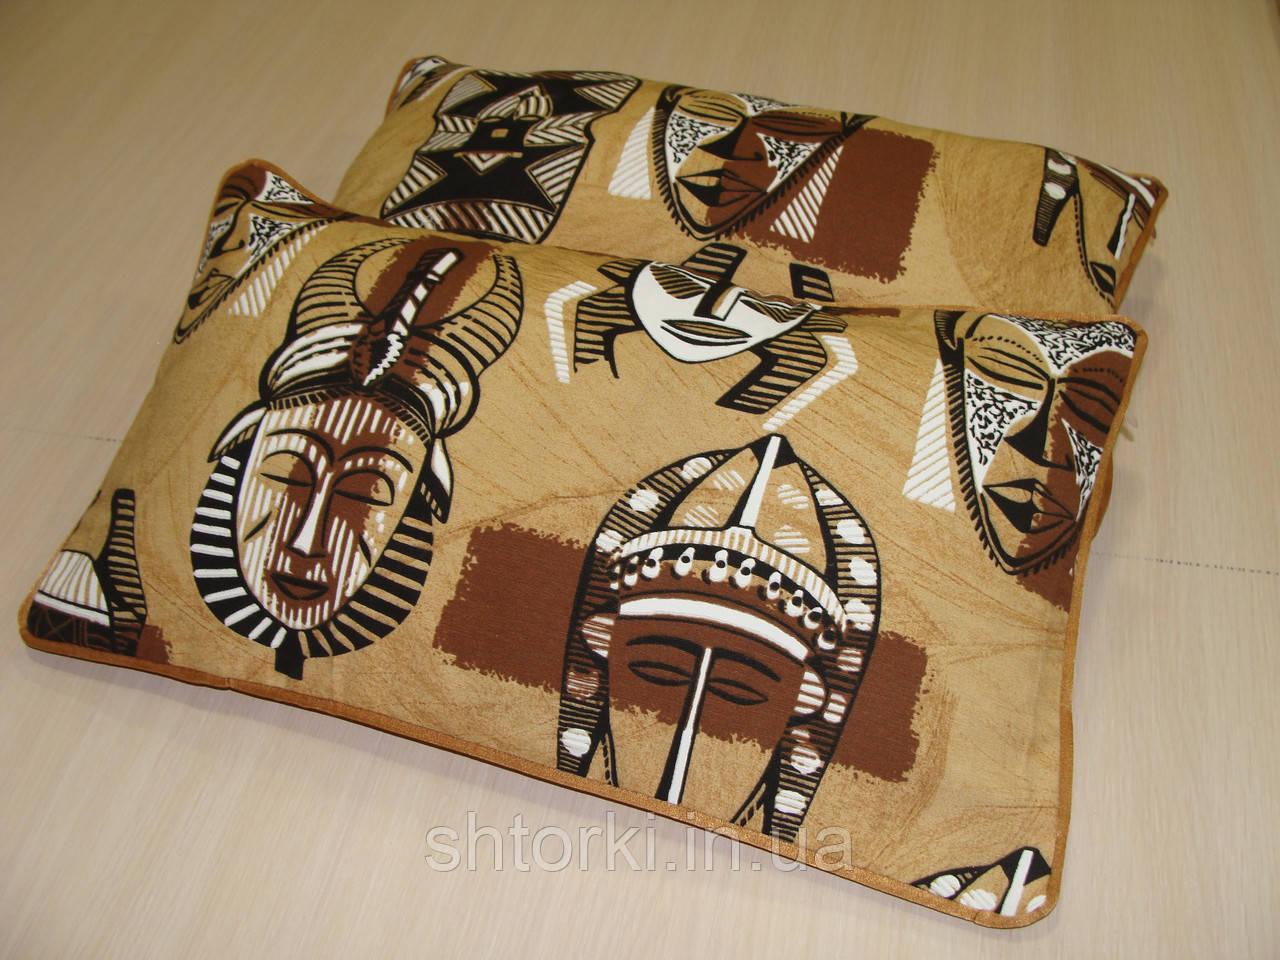 Комплект подушек Этно стиль индейцы , 2 шт